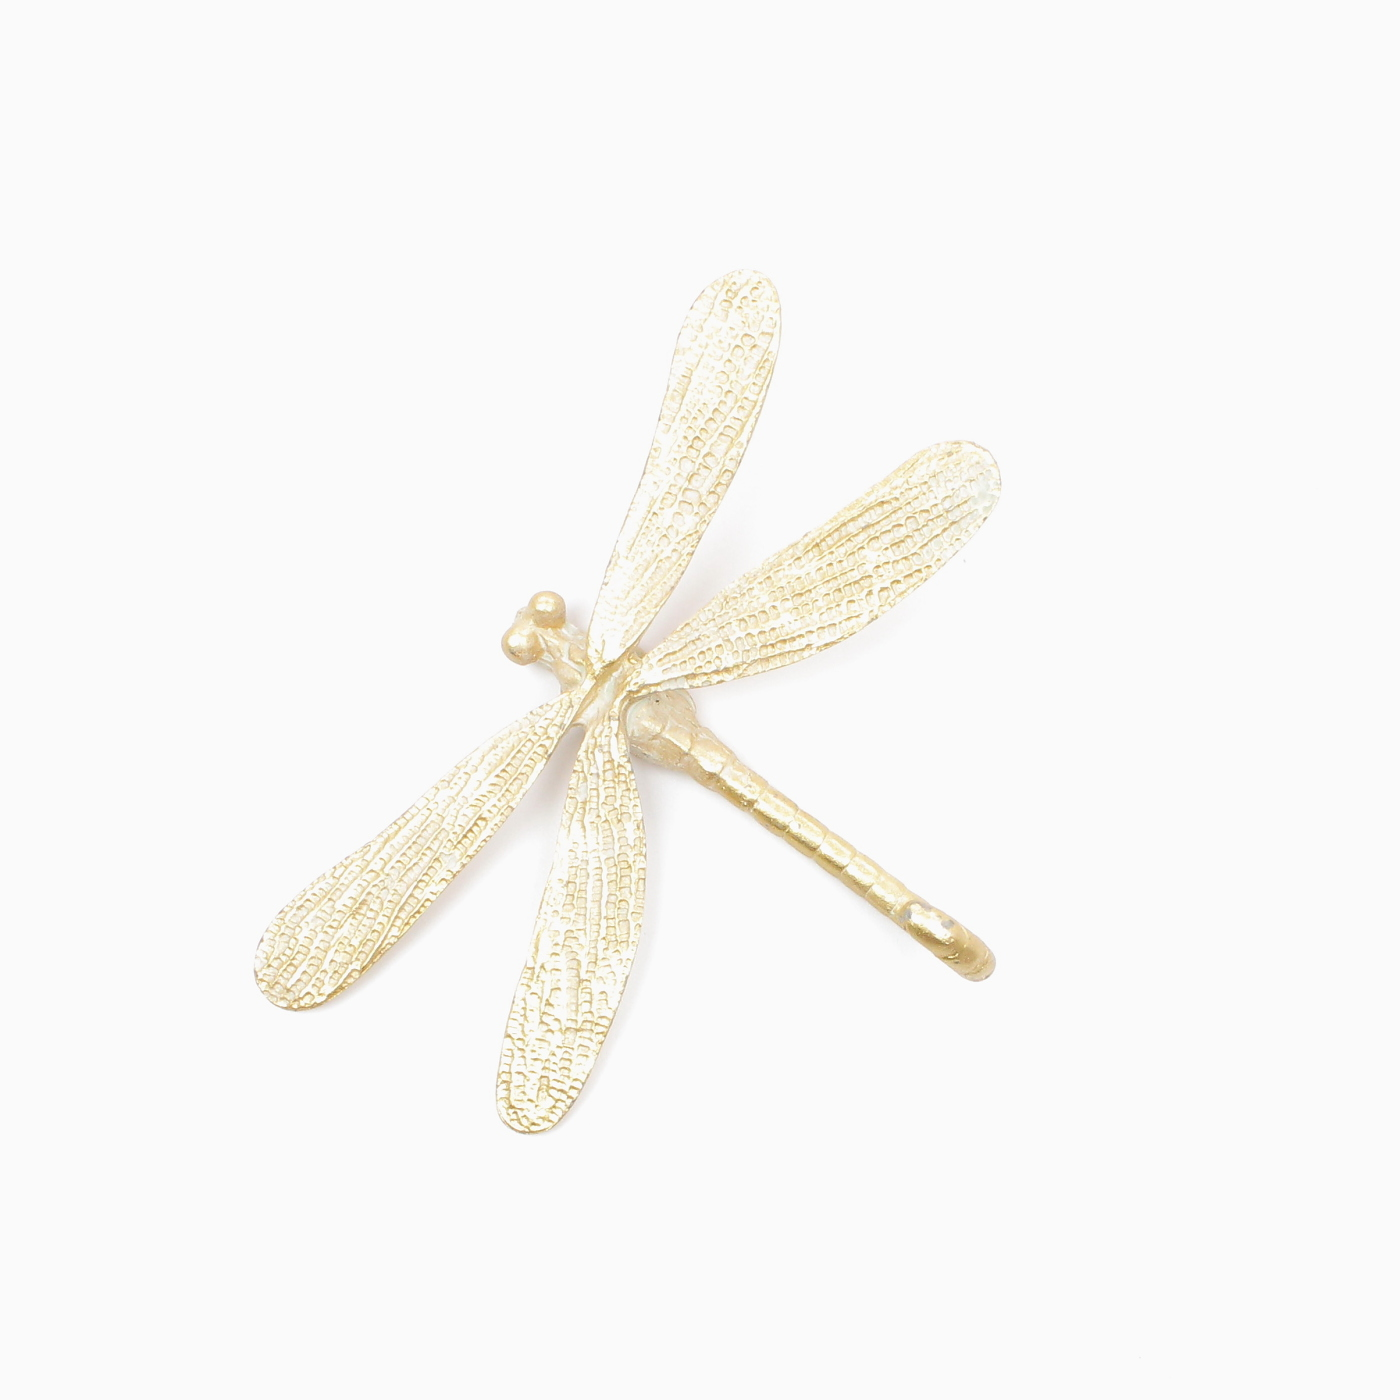 Ziemlich Goldene Libelle Kleiderhaken Wand befestigte Türhaken